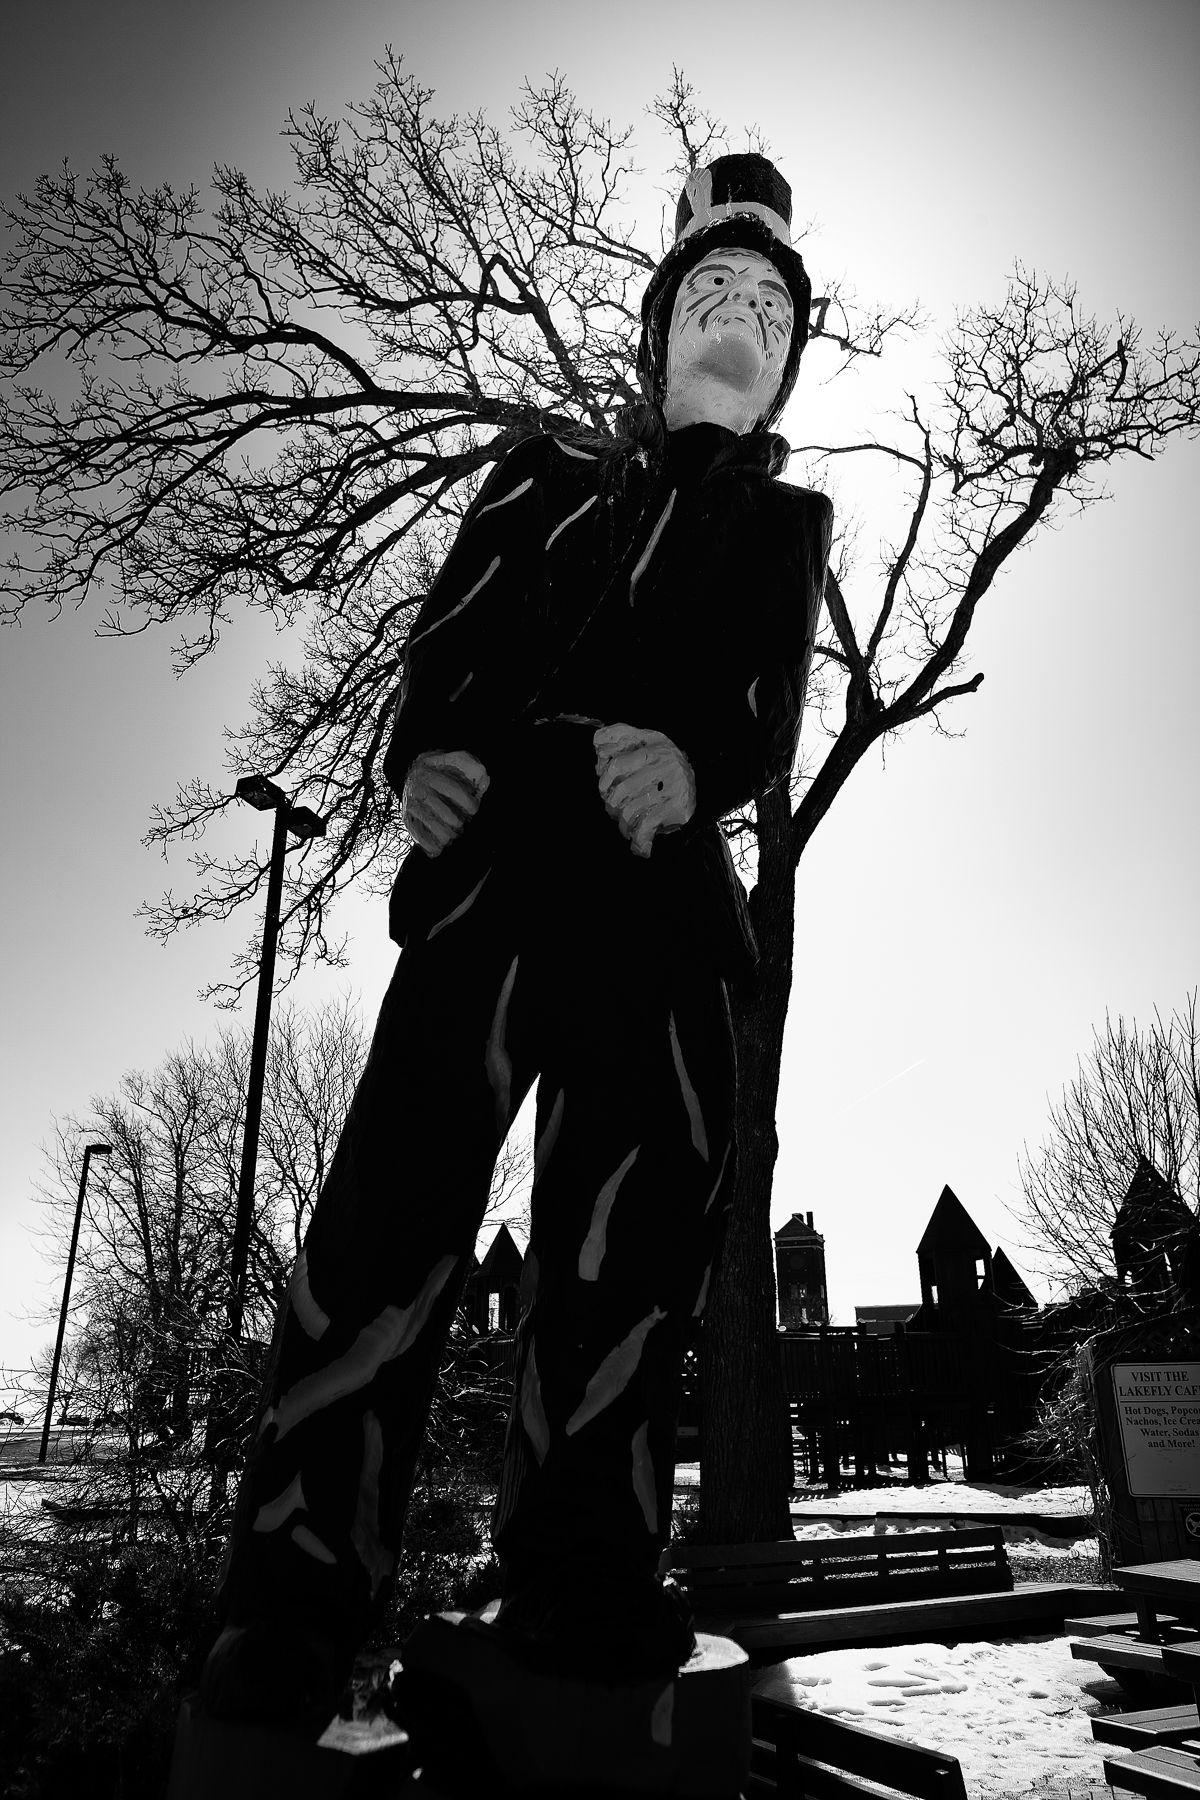 Menominee Park, Oshkosh, WI, 2009